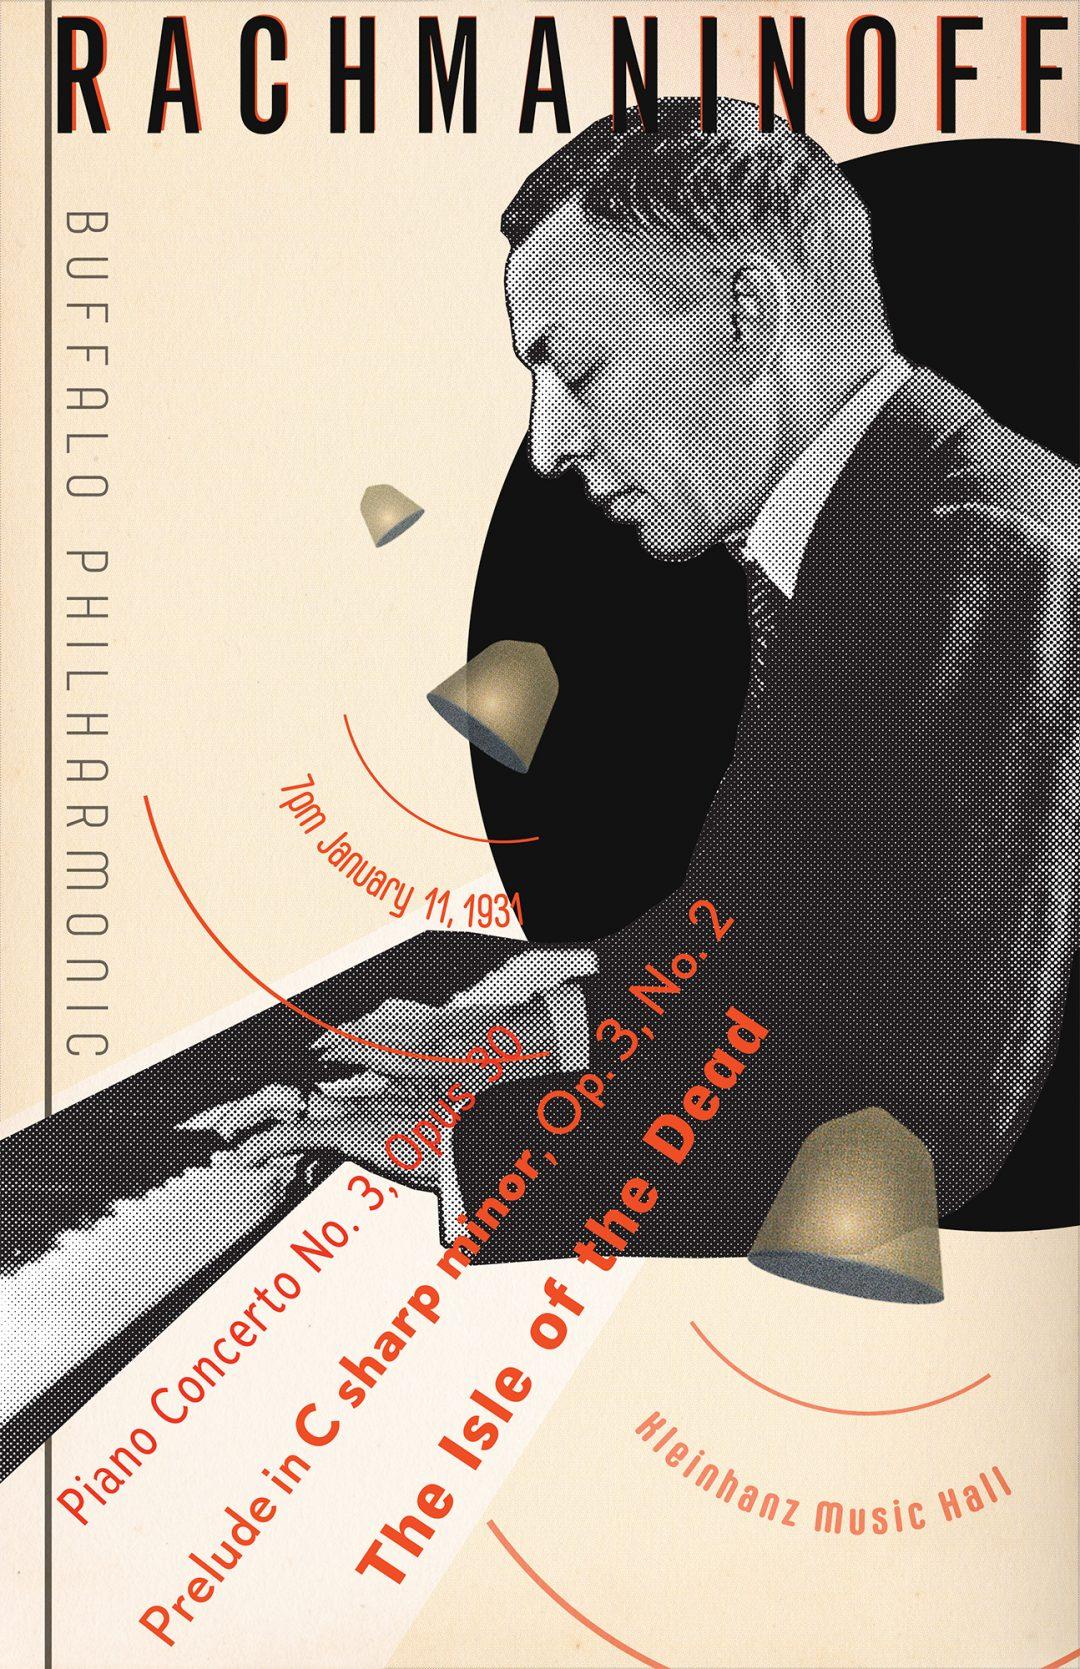 Rachmaninoff Concert Poster